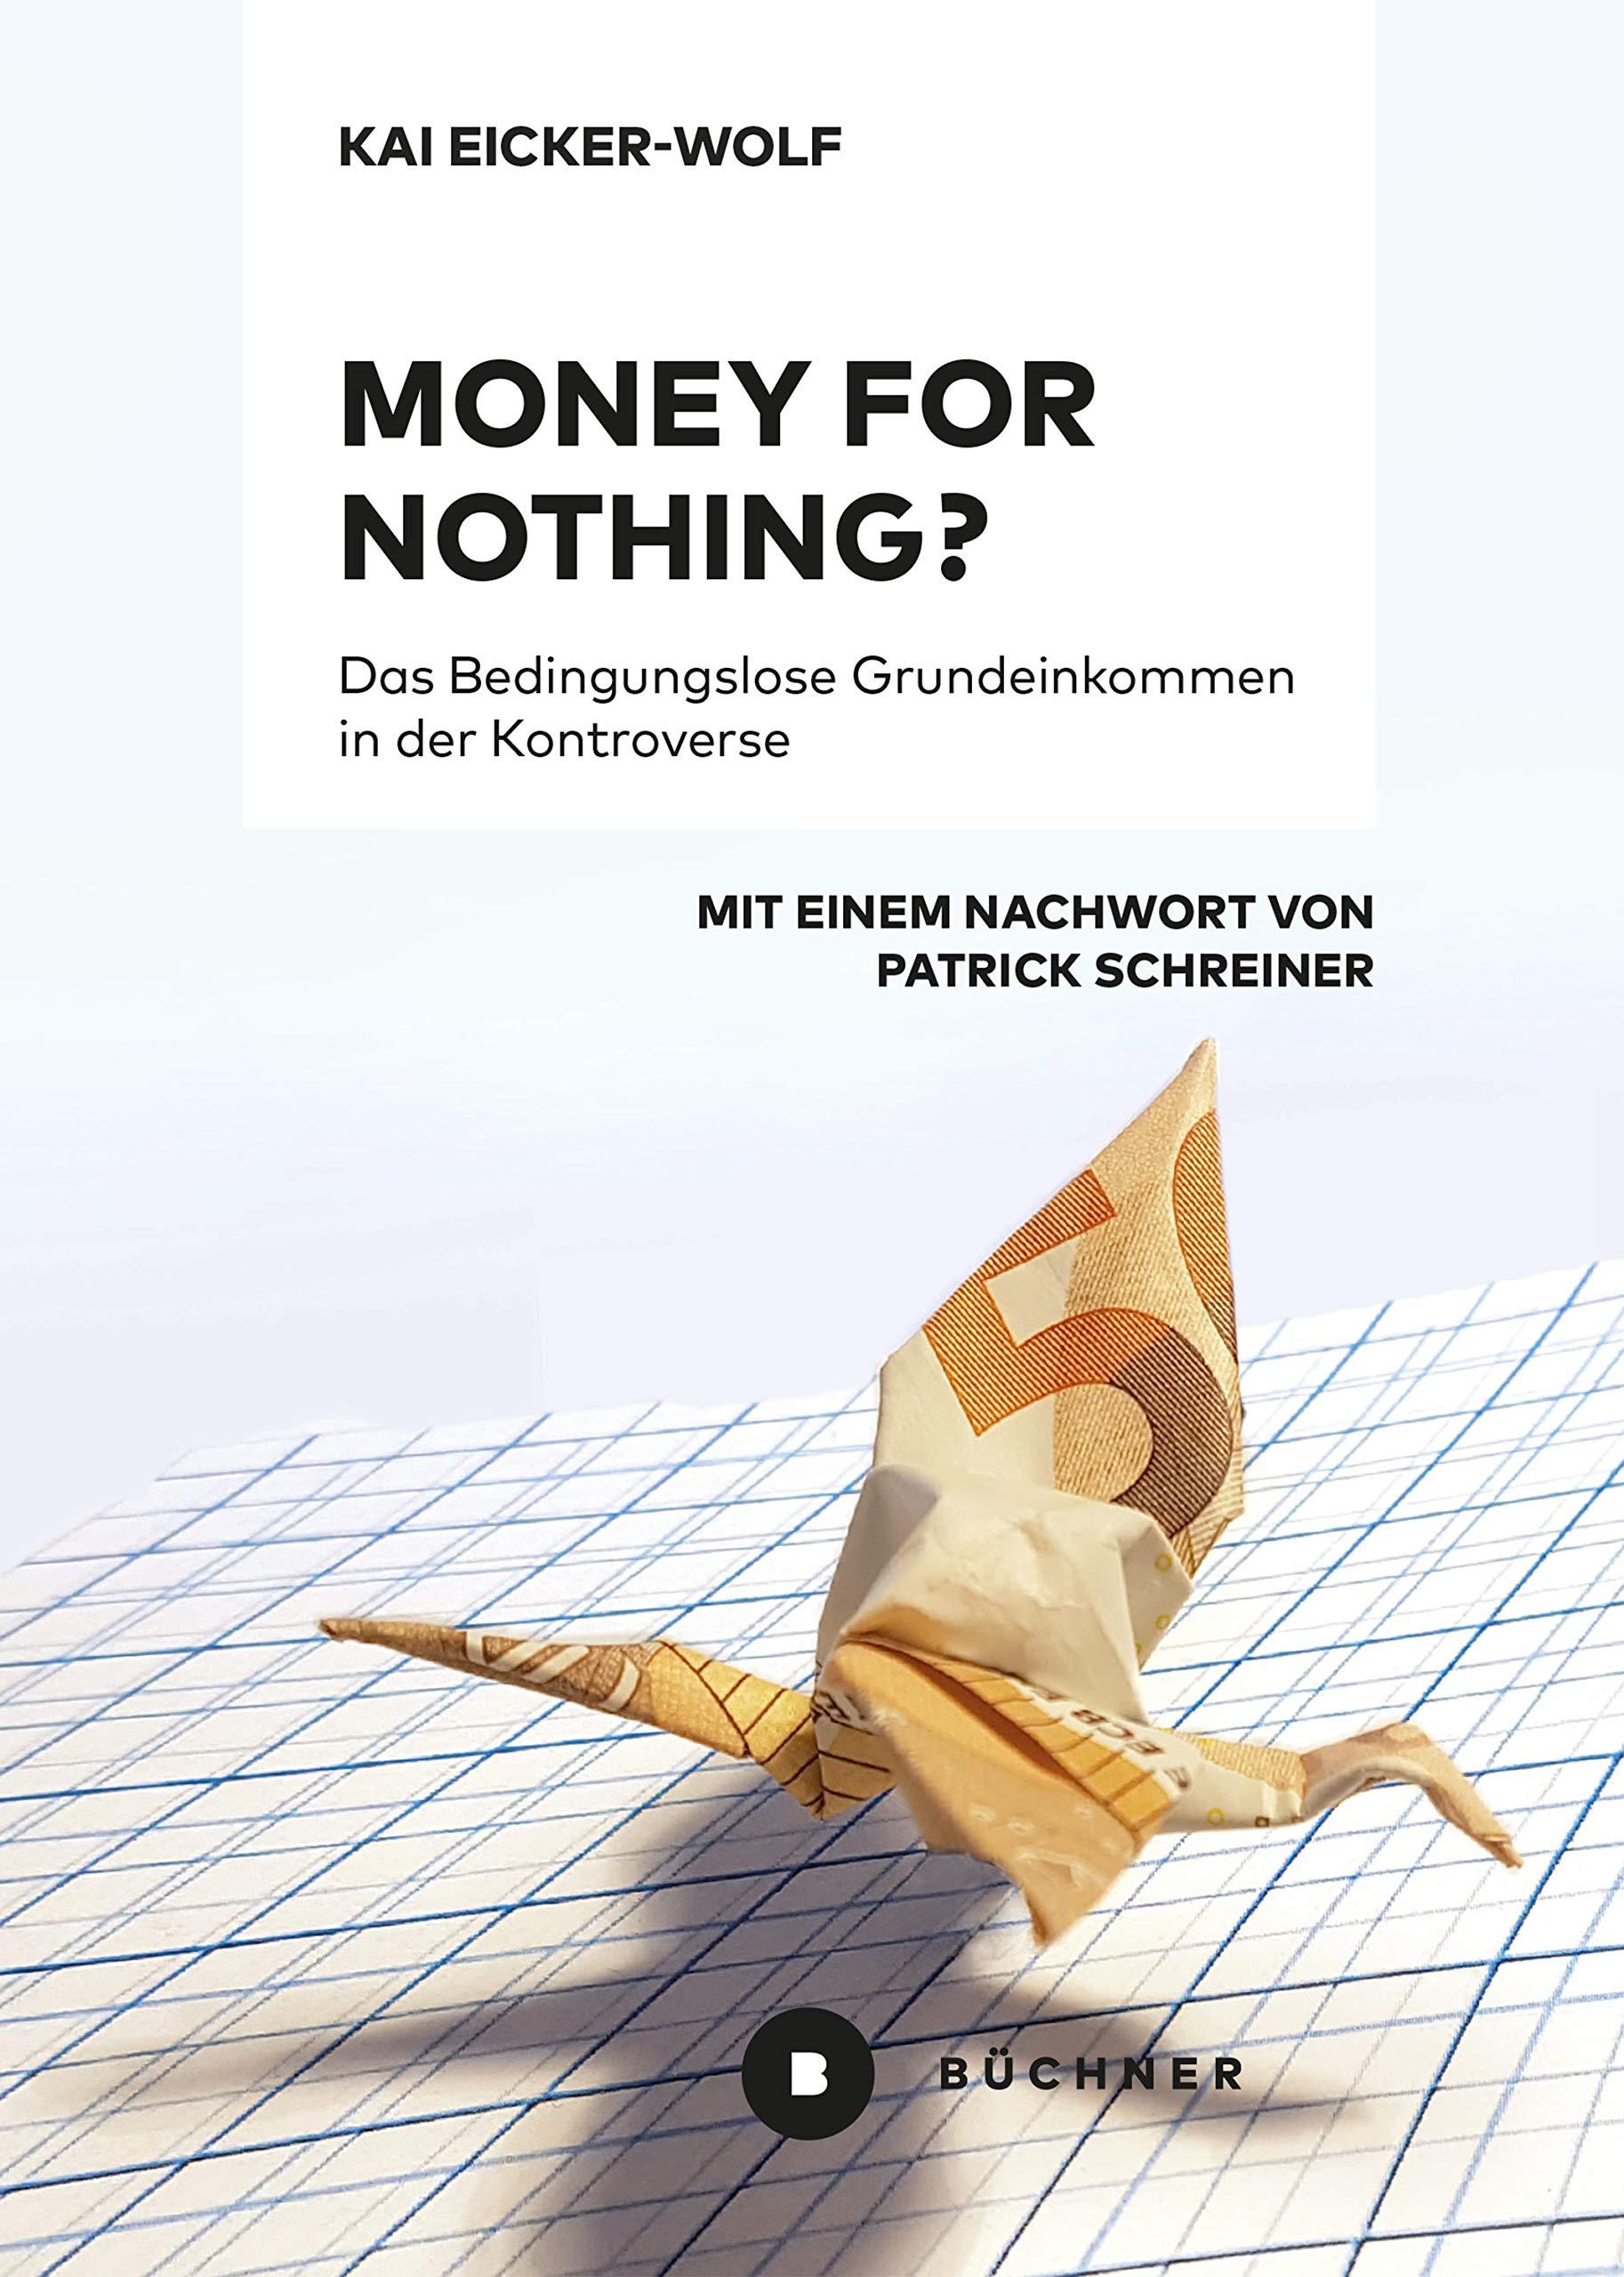 Money for nothing?: Das Bedingungslose Grundeinkommen in der Kontroverse (German Edition)